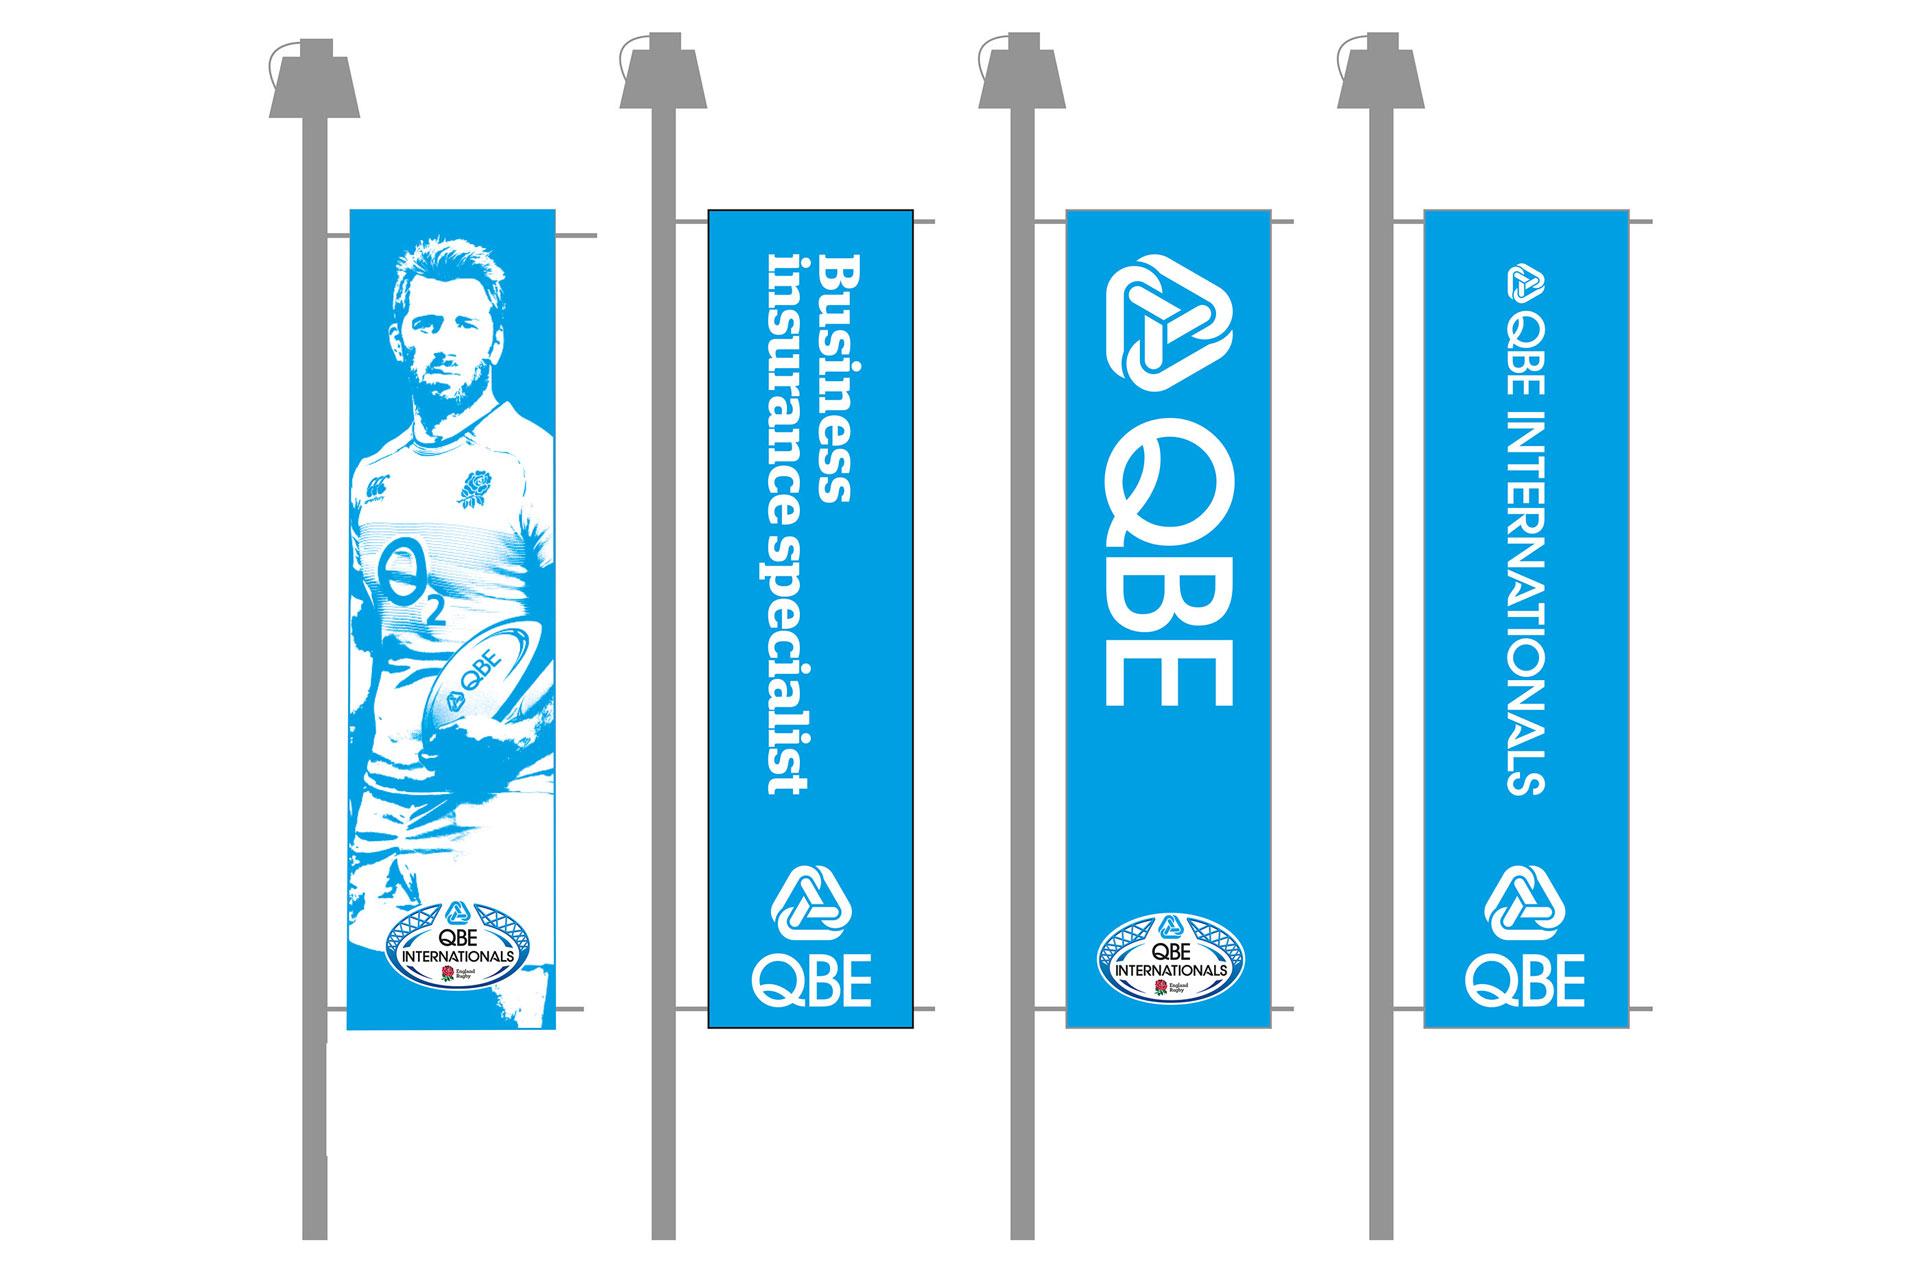 Glendale Creative QBE Internationals Twickenham Branding